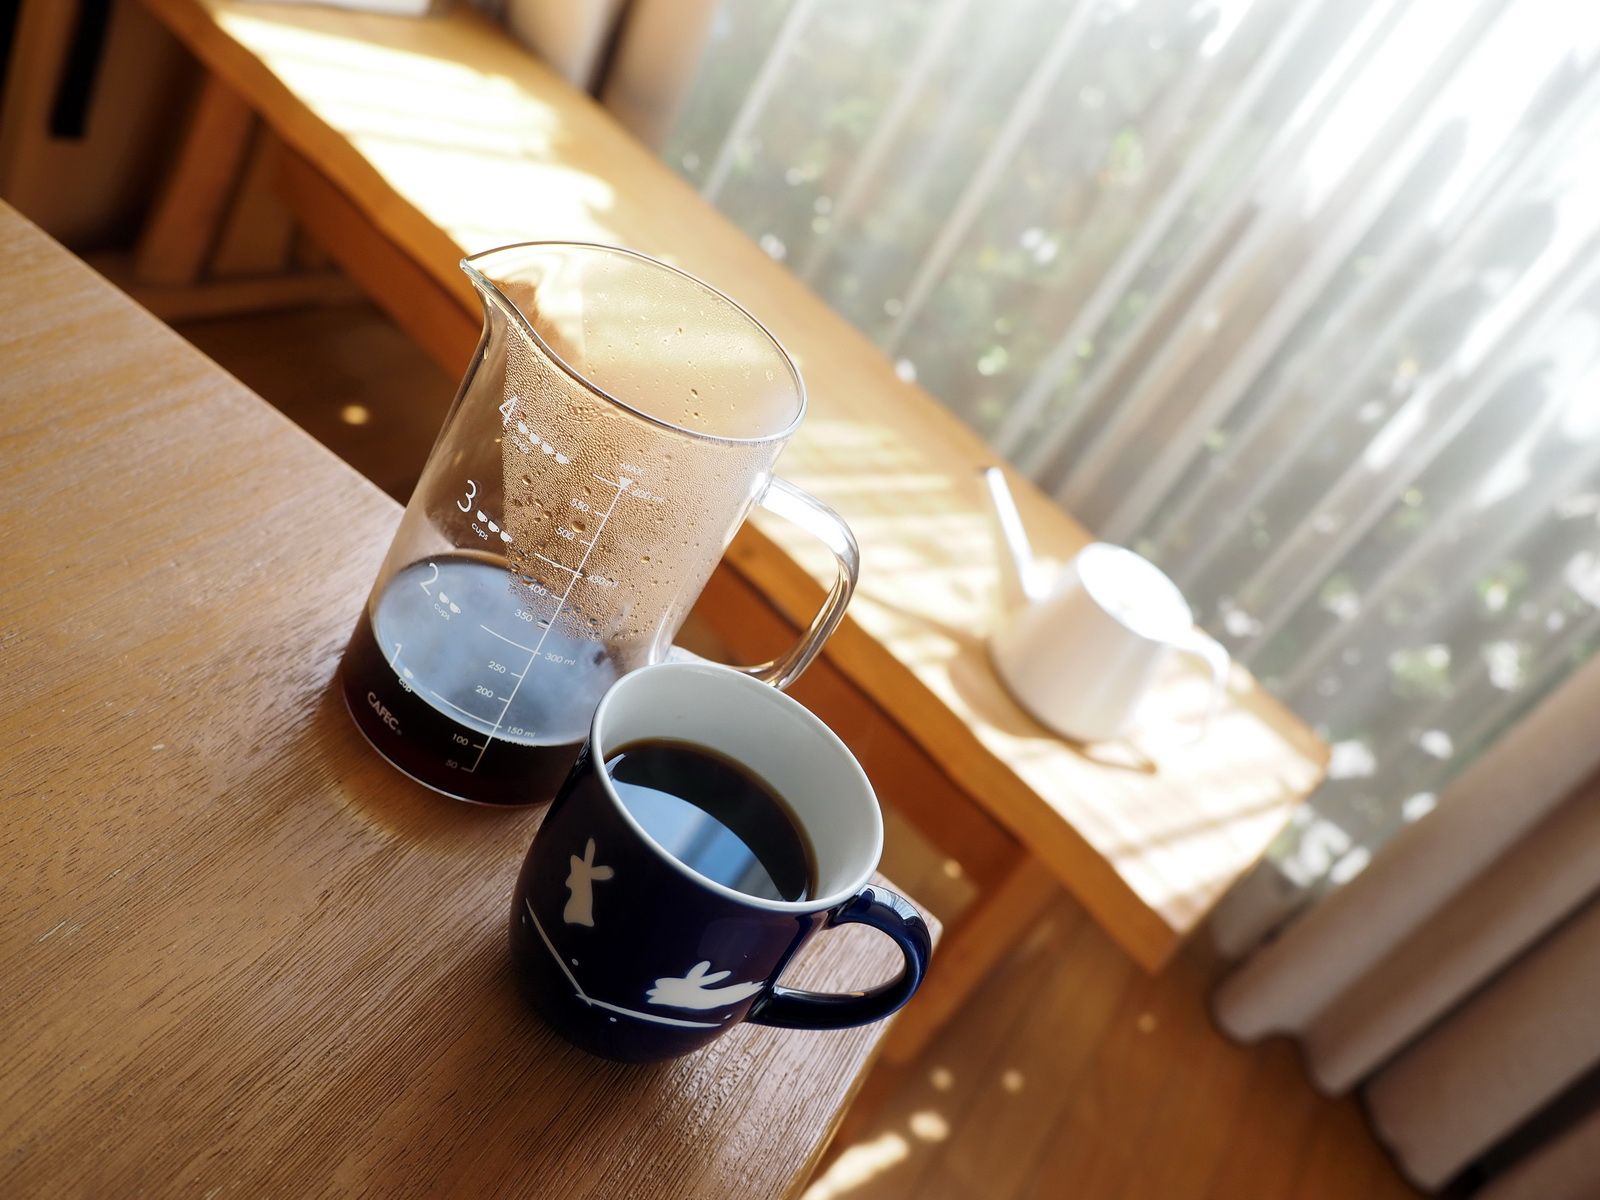 通販で藤田珈琲からコーヒー豆のお取り寄せ_プレミアムラオスブレンド_抽出完了